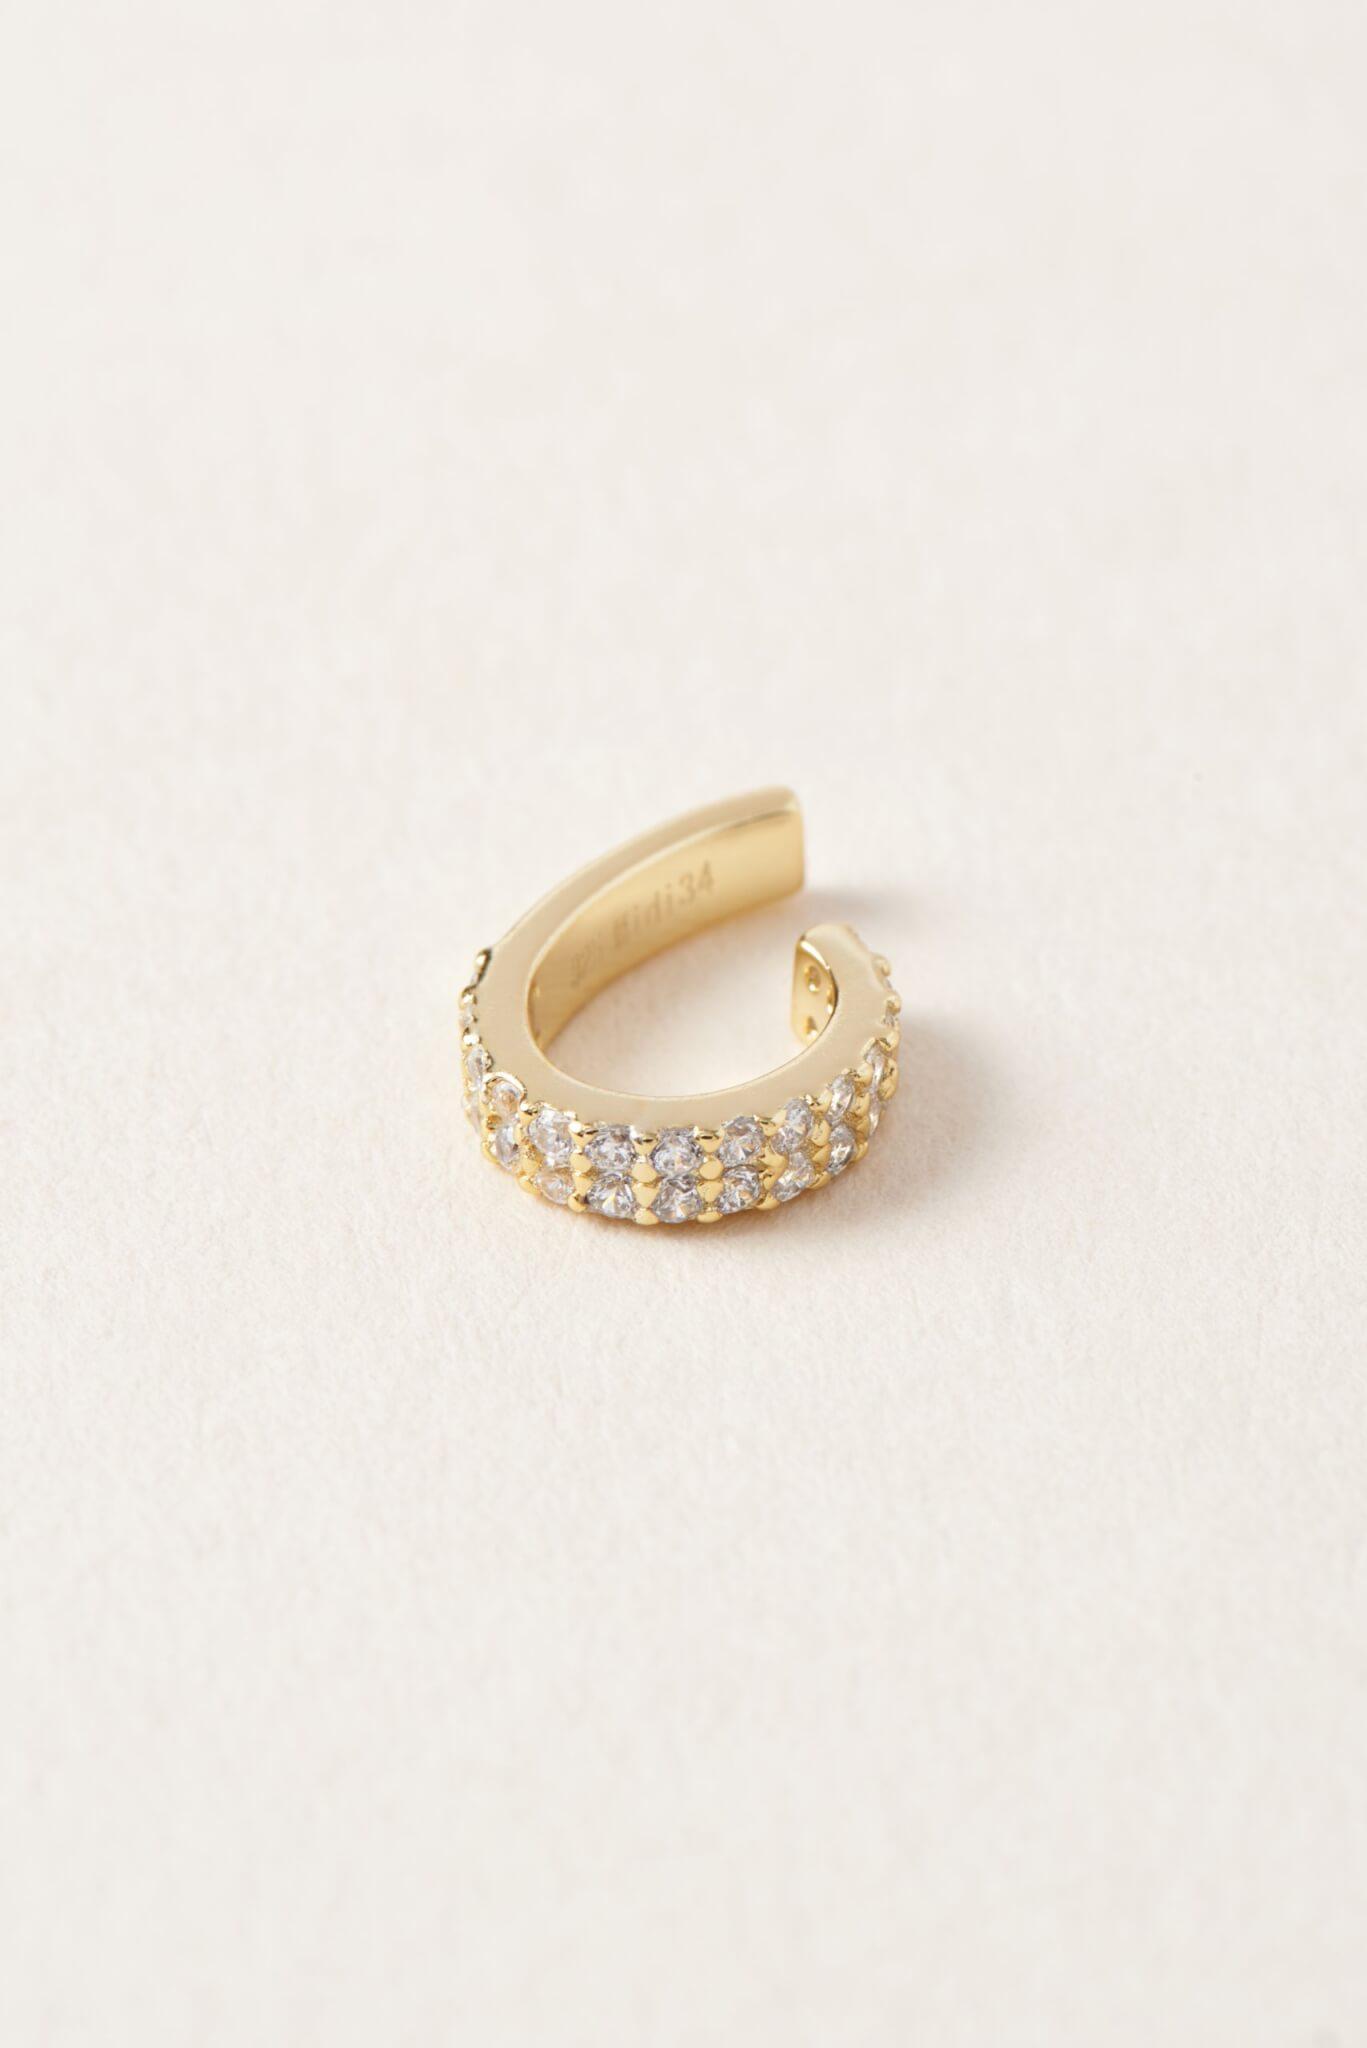 Gold ear cuff